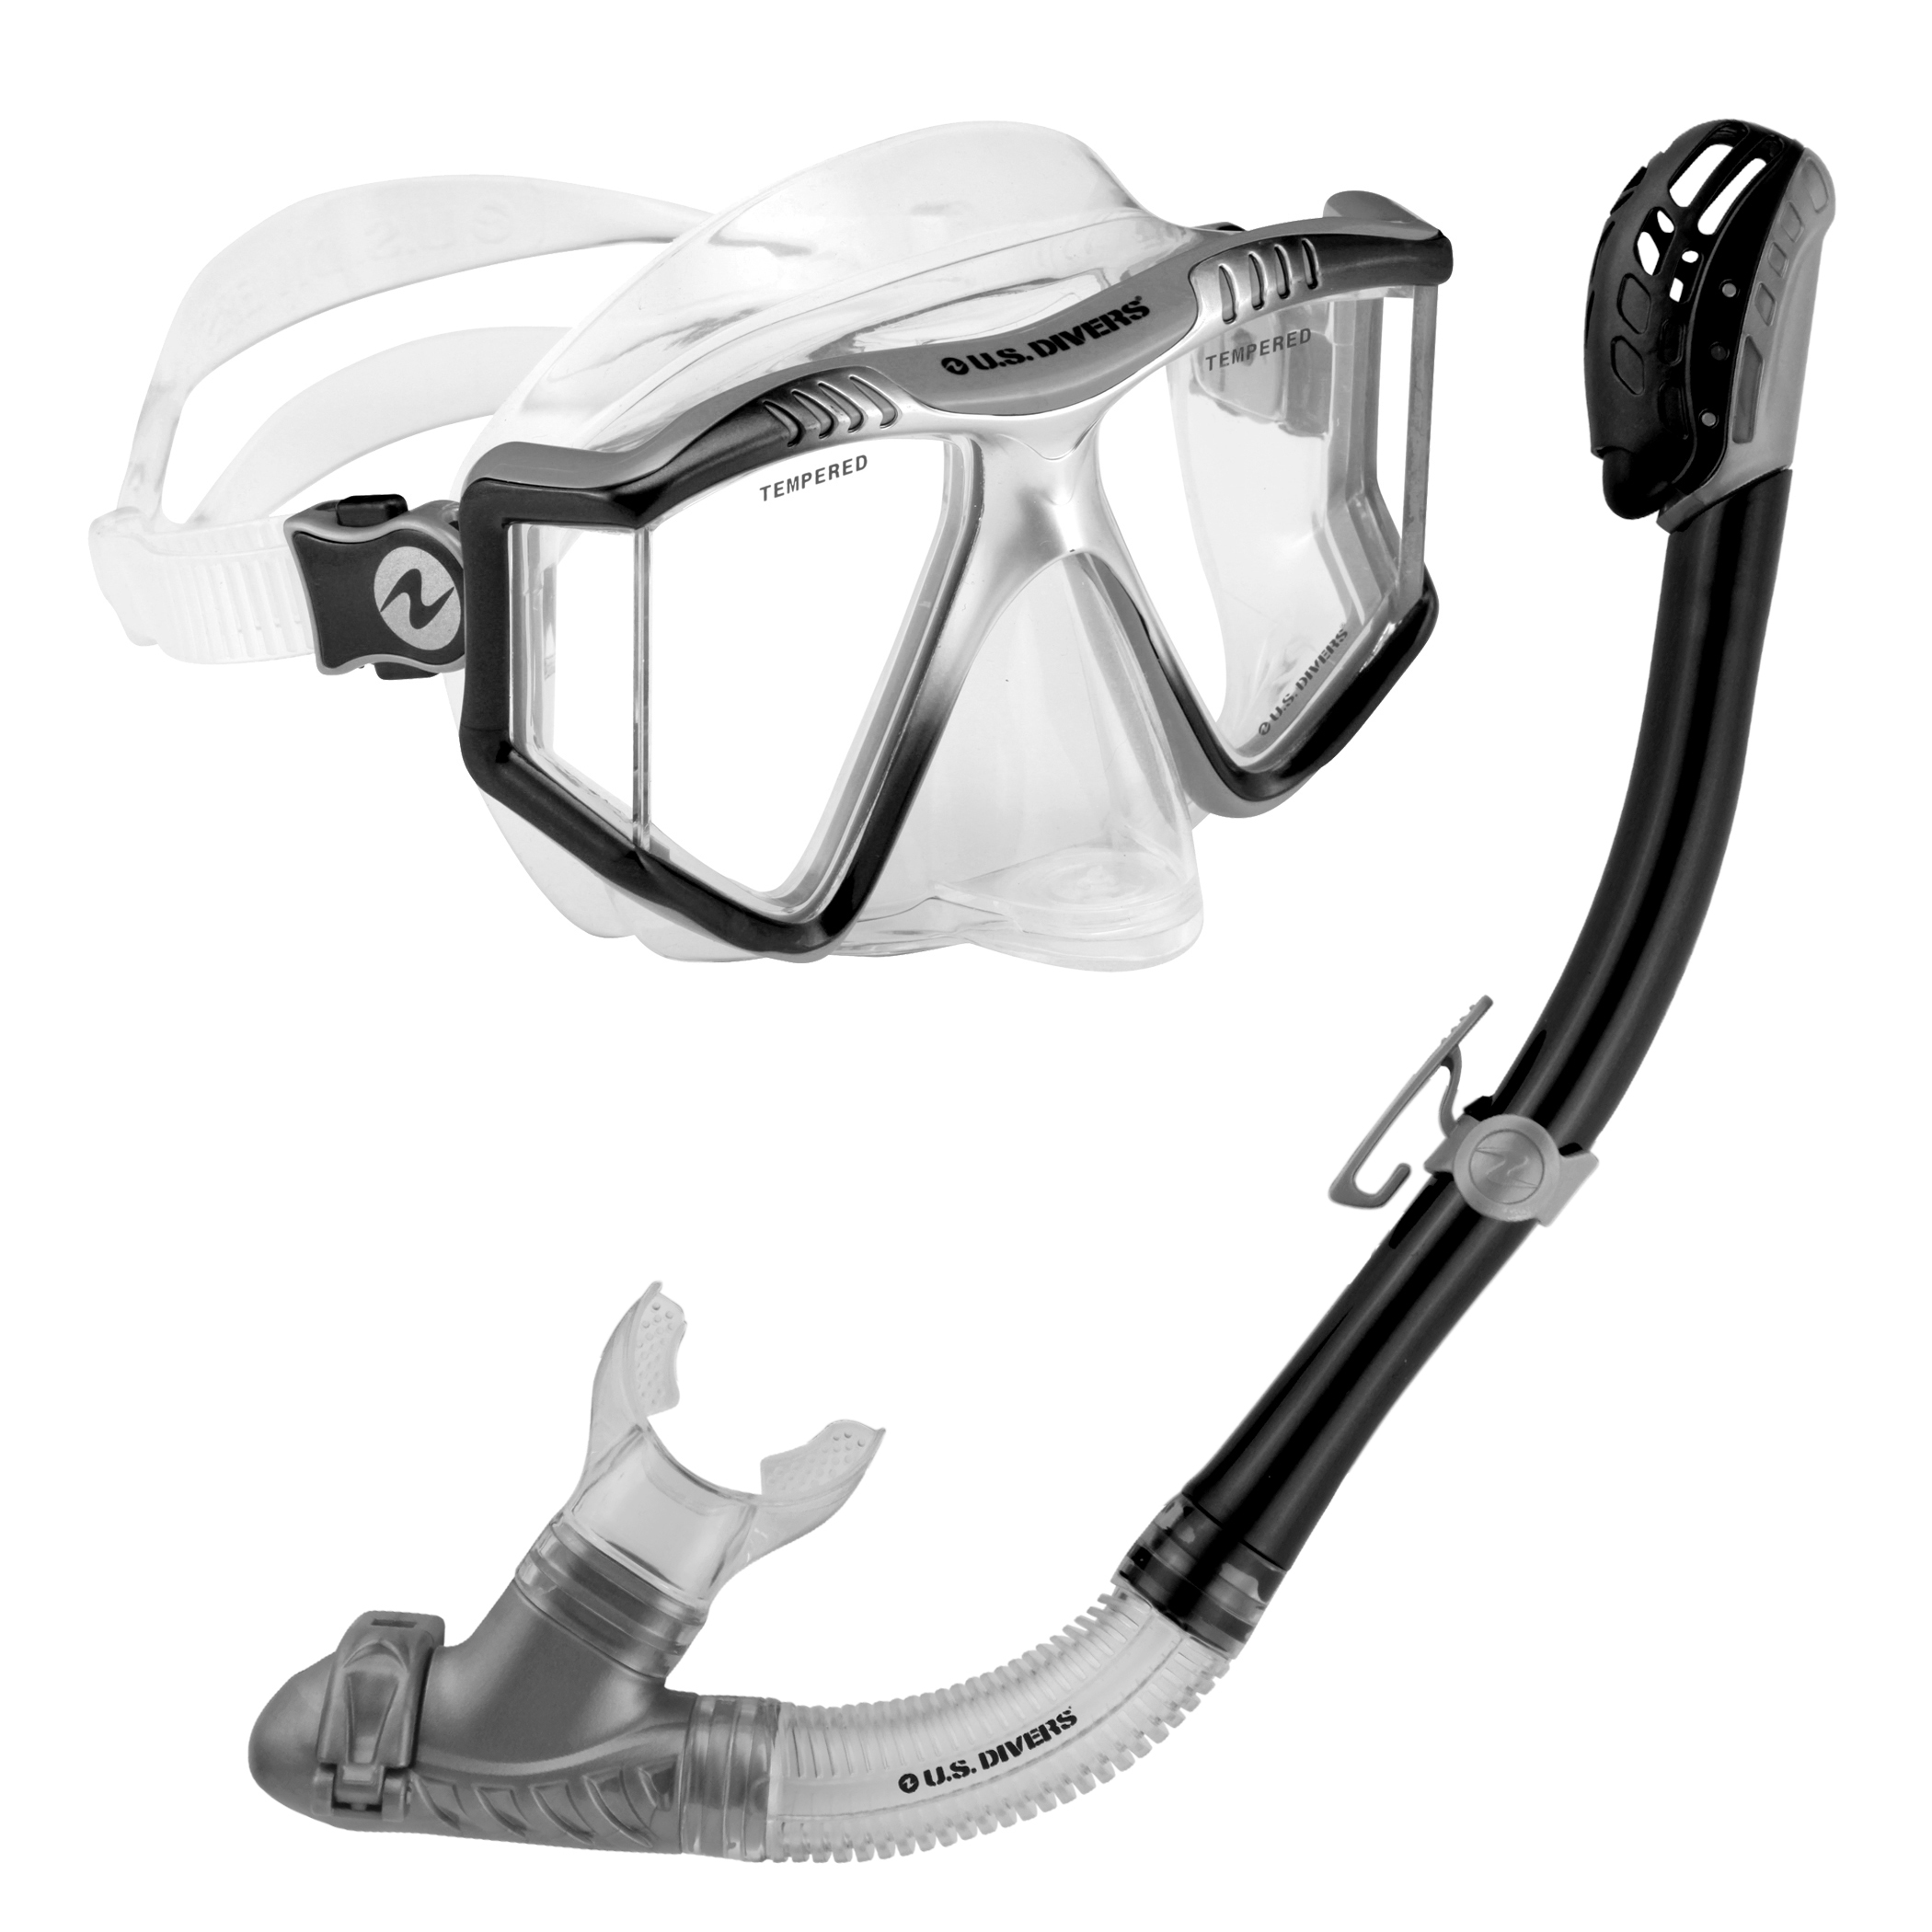 c1451c0acab Snorkel gear